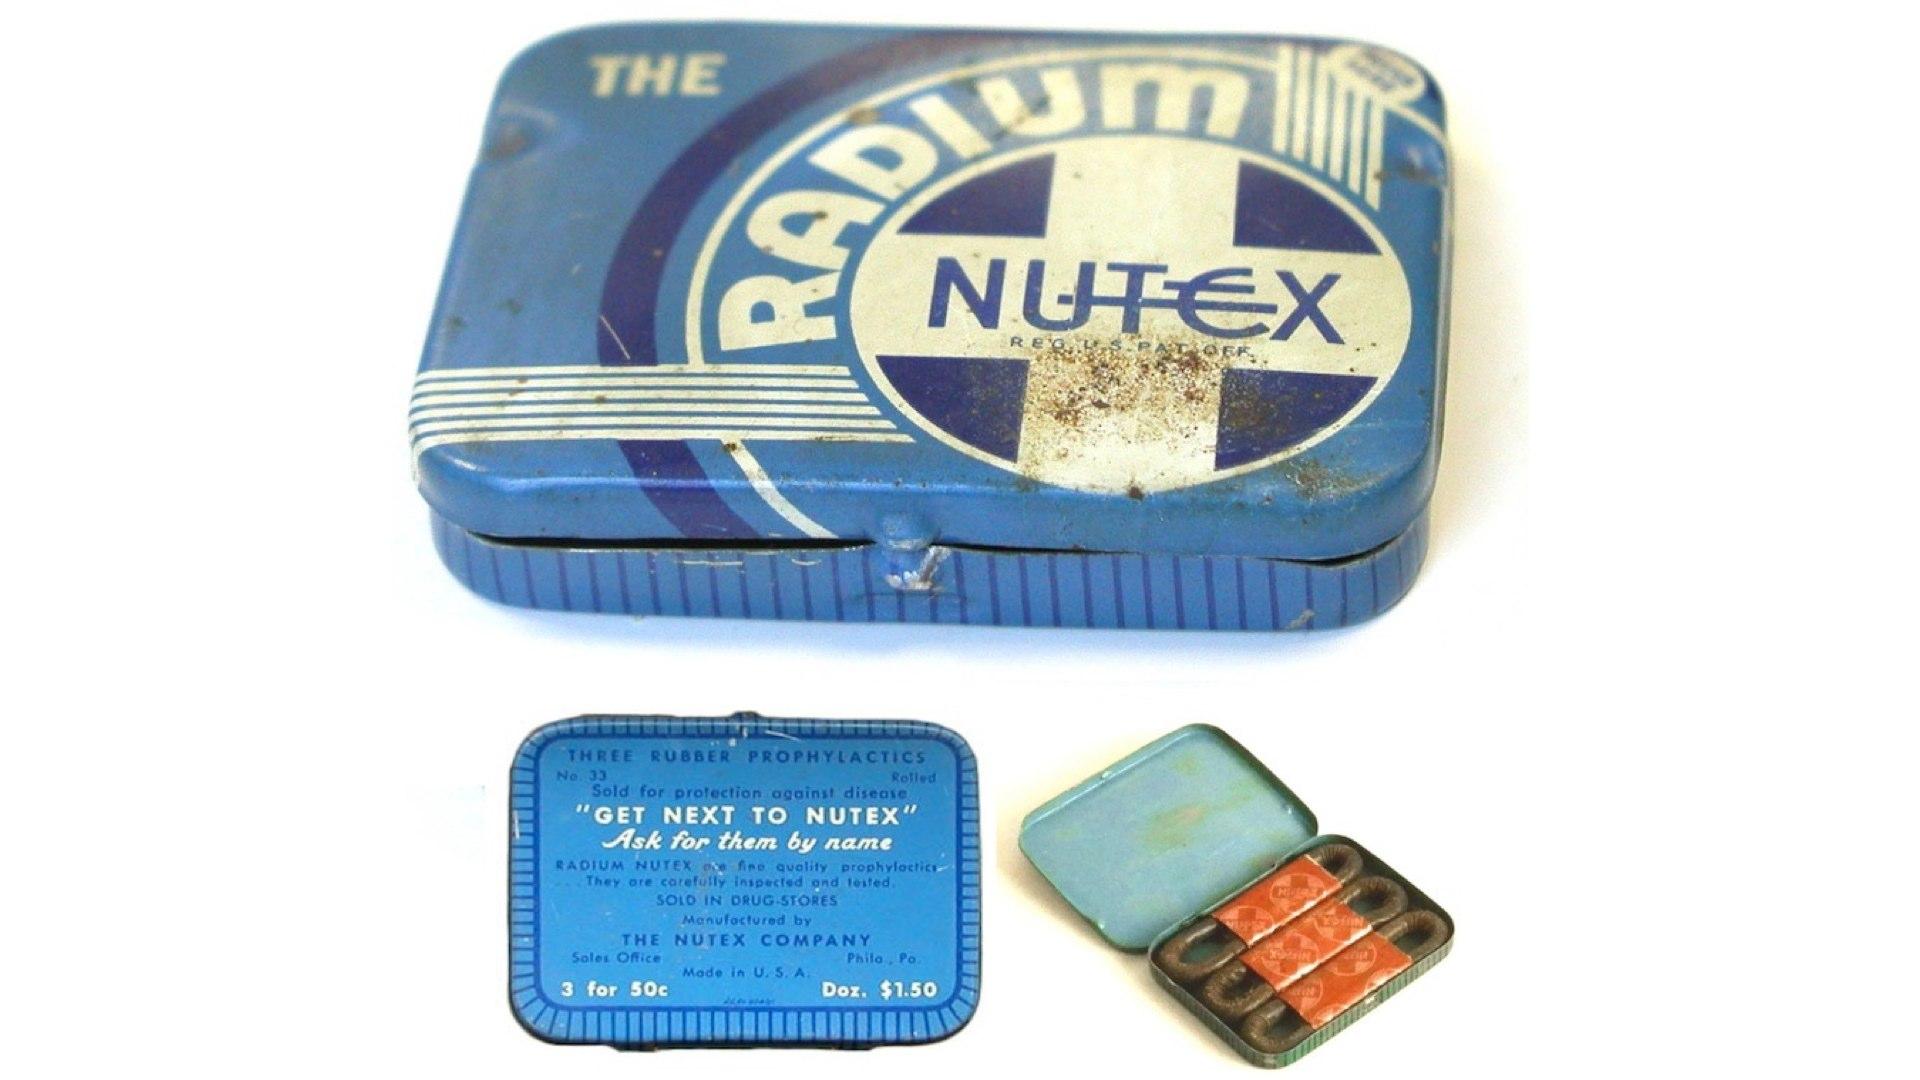 Презервативы Nutex не содержали радий. Просто «радий» в описании добавлял продукту статусности и элитарности.